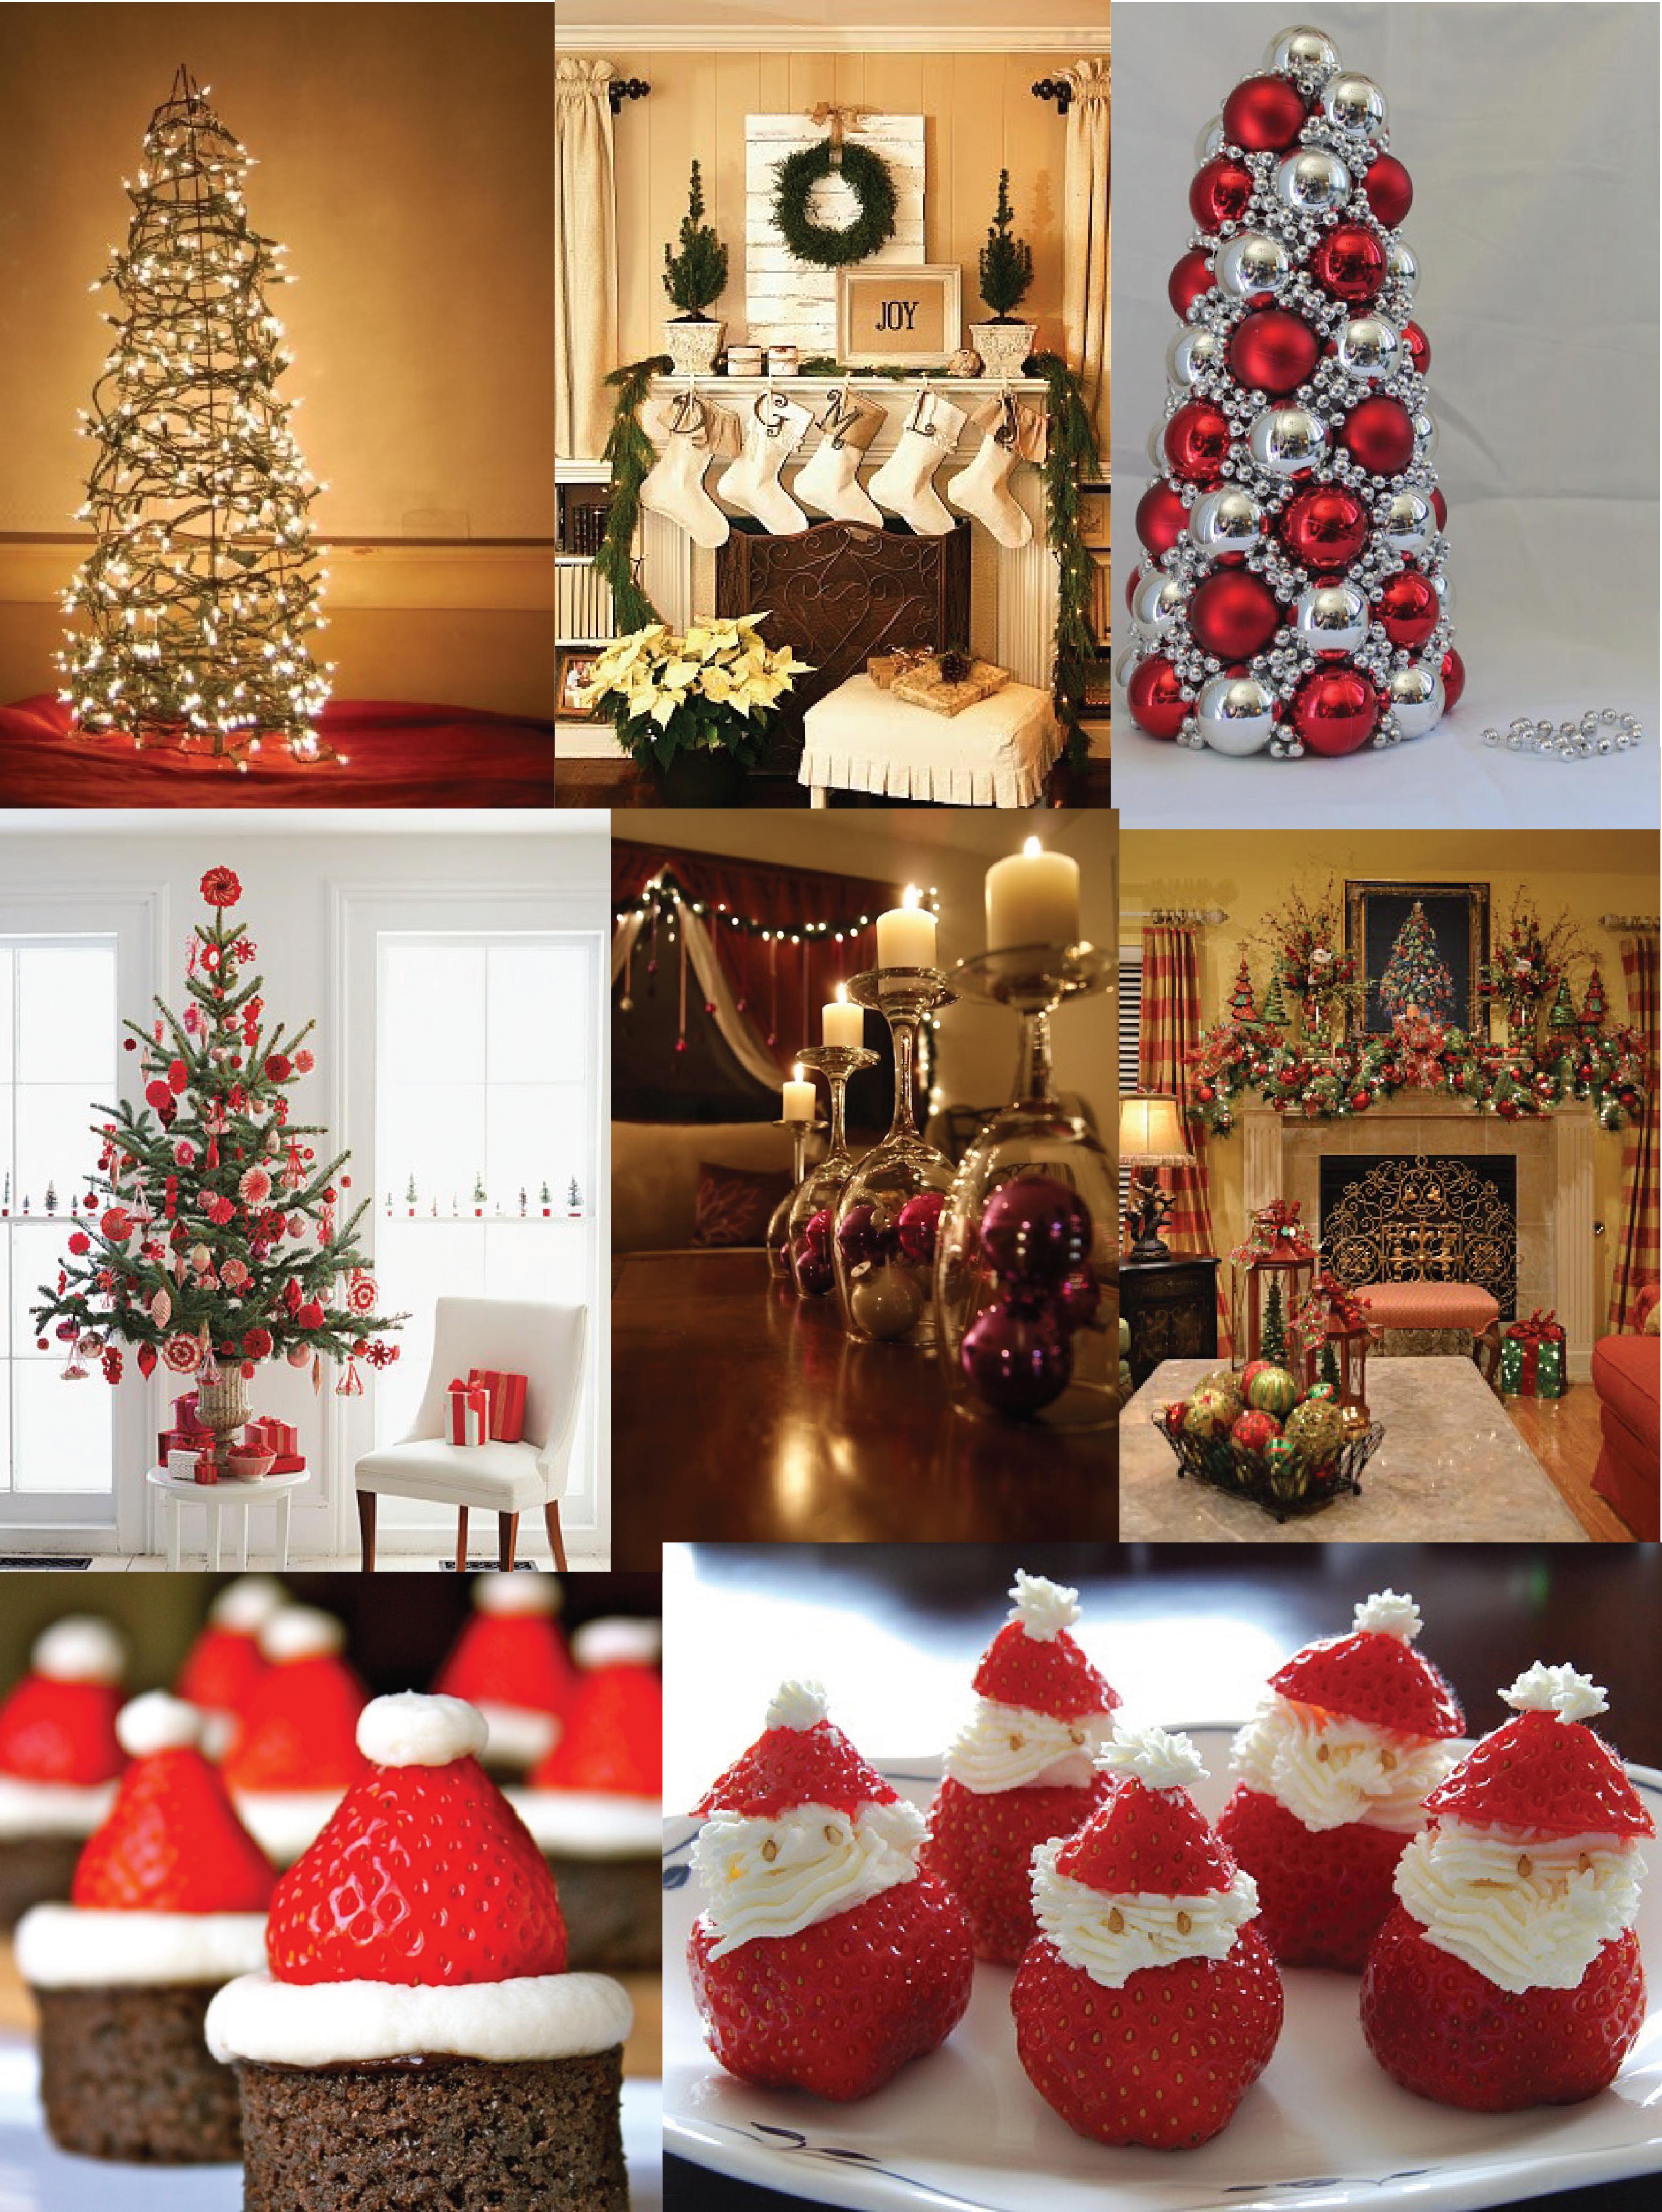 Preparativos para o Natal : Blog de moda do Brechu00f3 Capricho u00e0 Toa